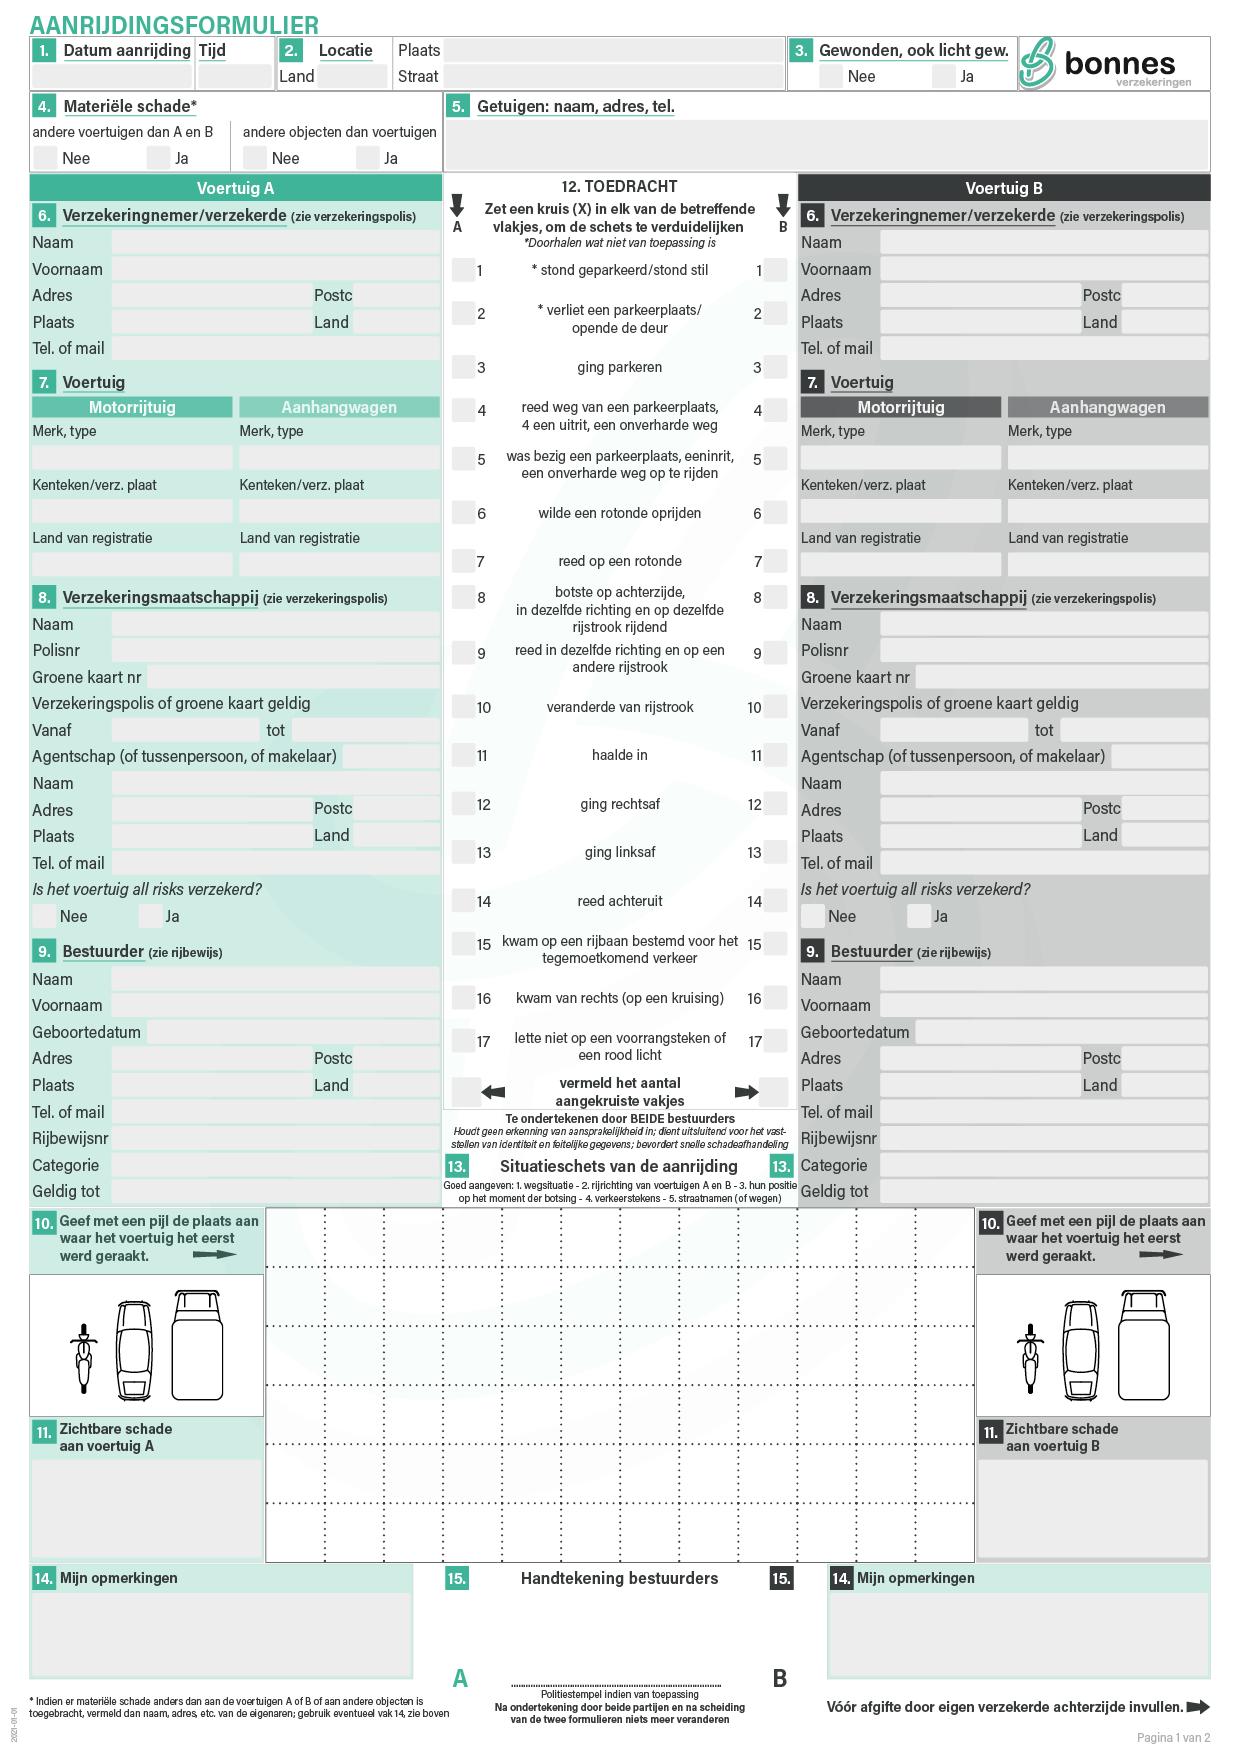 Schadeformulier motorrijtuigen / aanrijdingsformulier